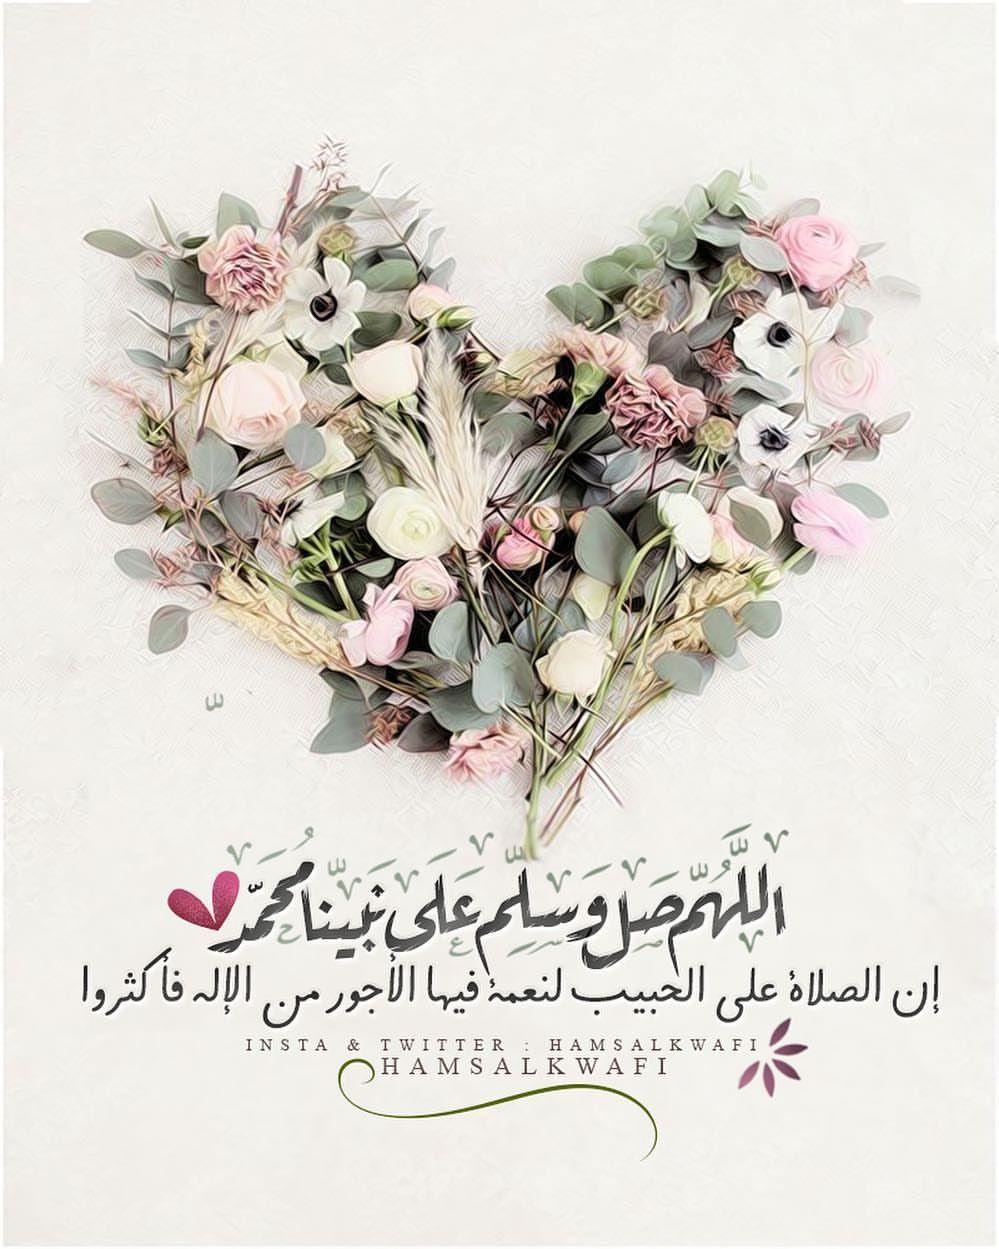 الصلاة على النبي Islamic Images Islamic Pictures Ramadan Images